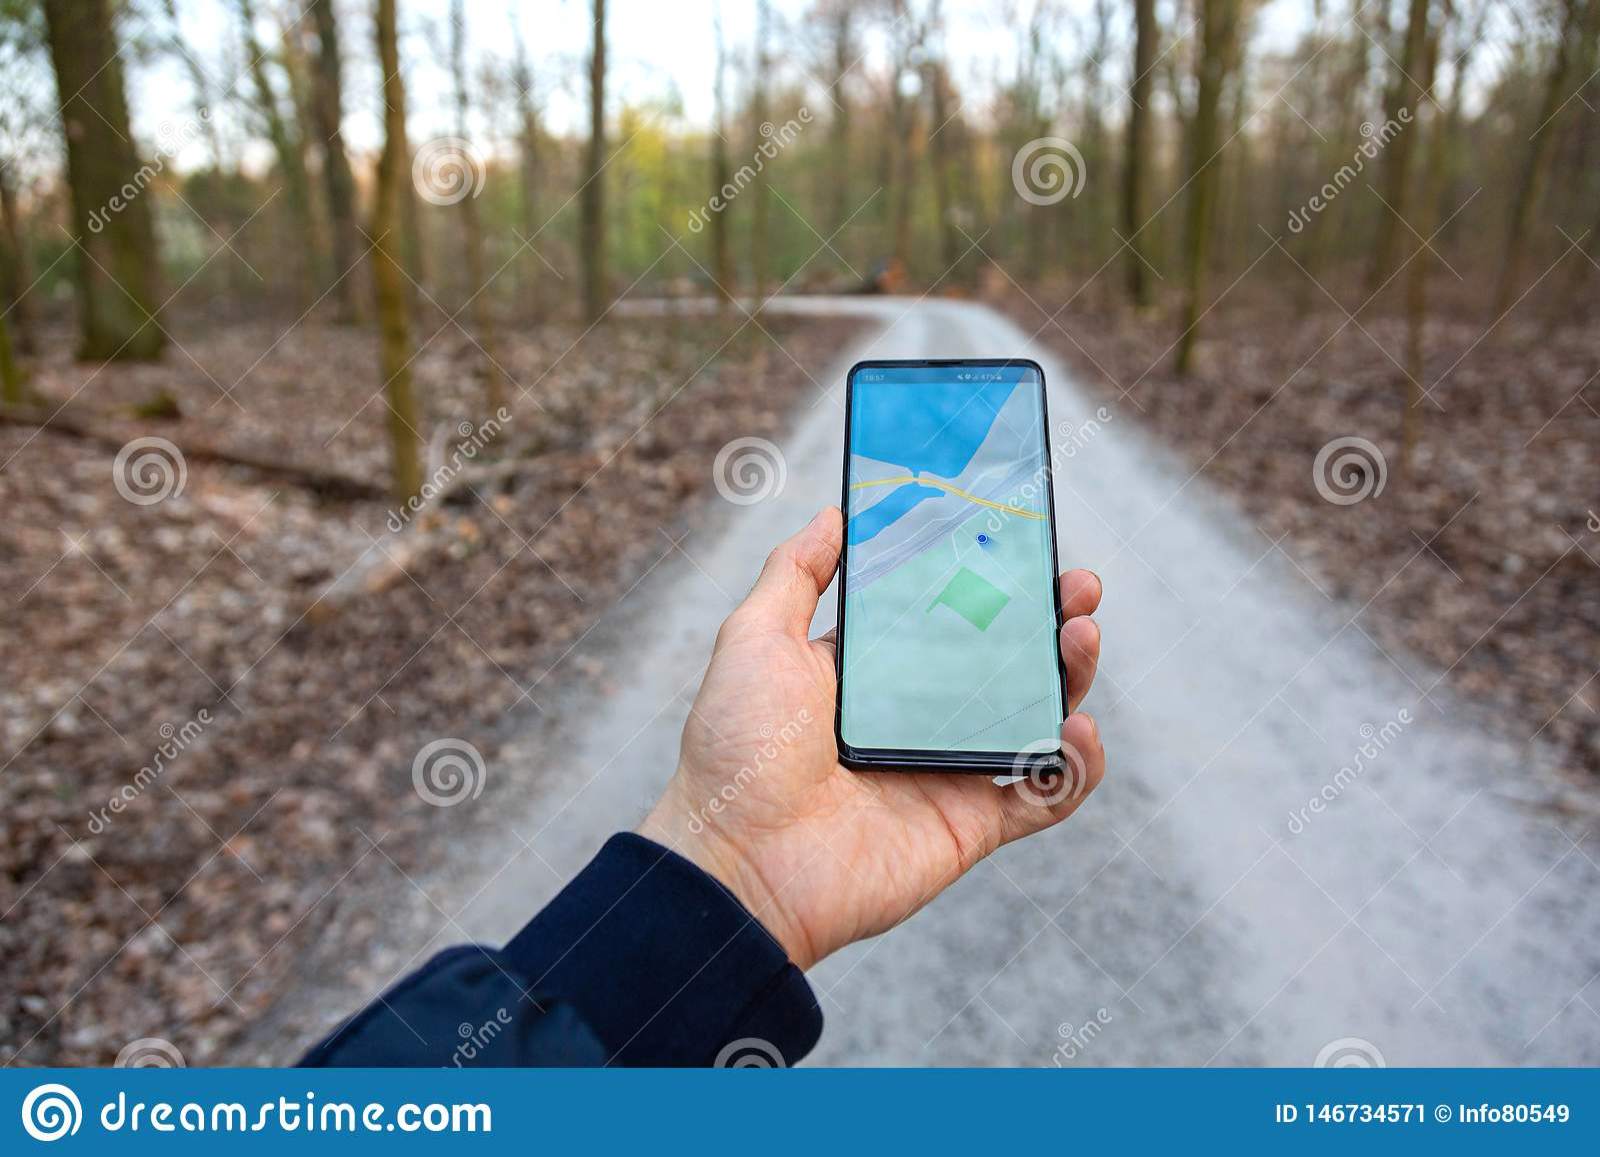 La mano che giudica una mostra del telefono cellulare gps traccia in un fondo della foresta